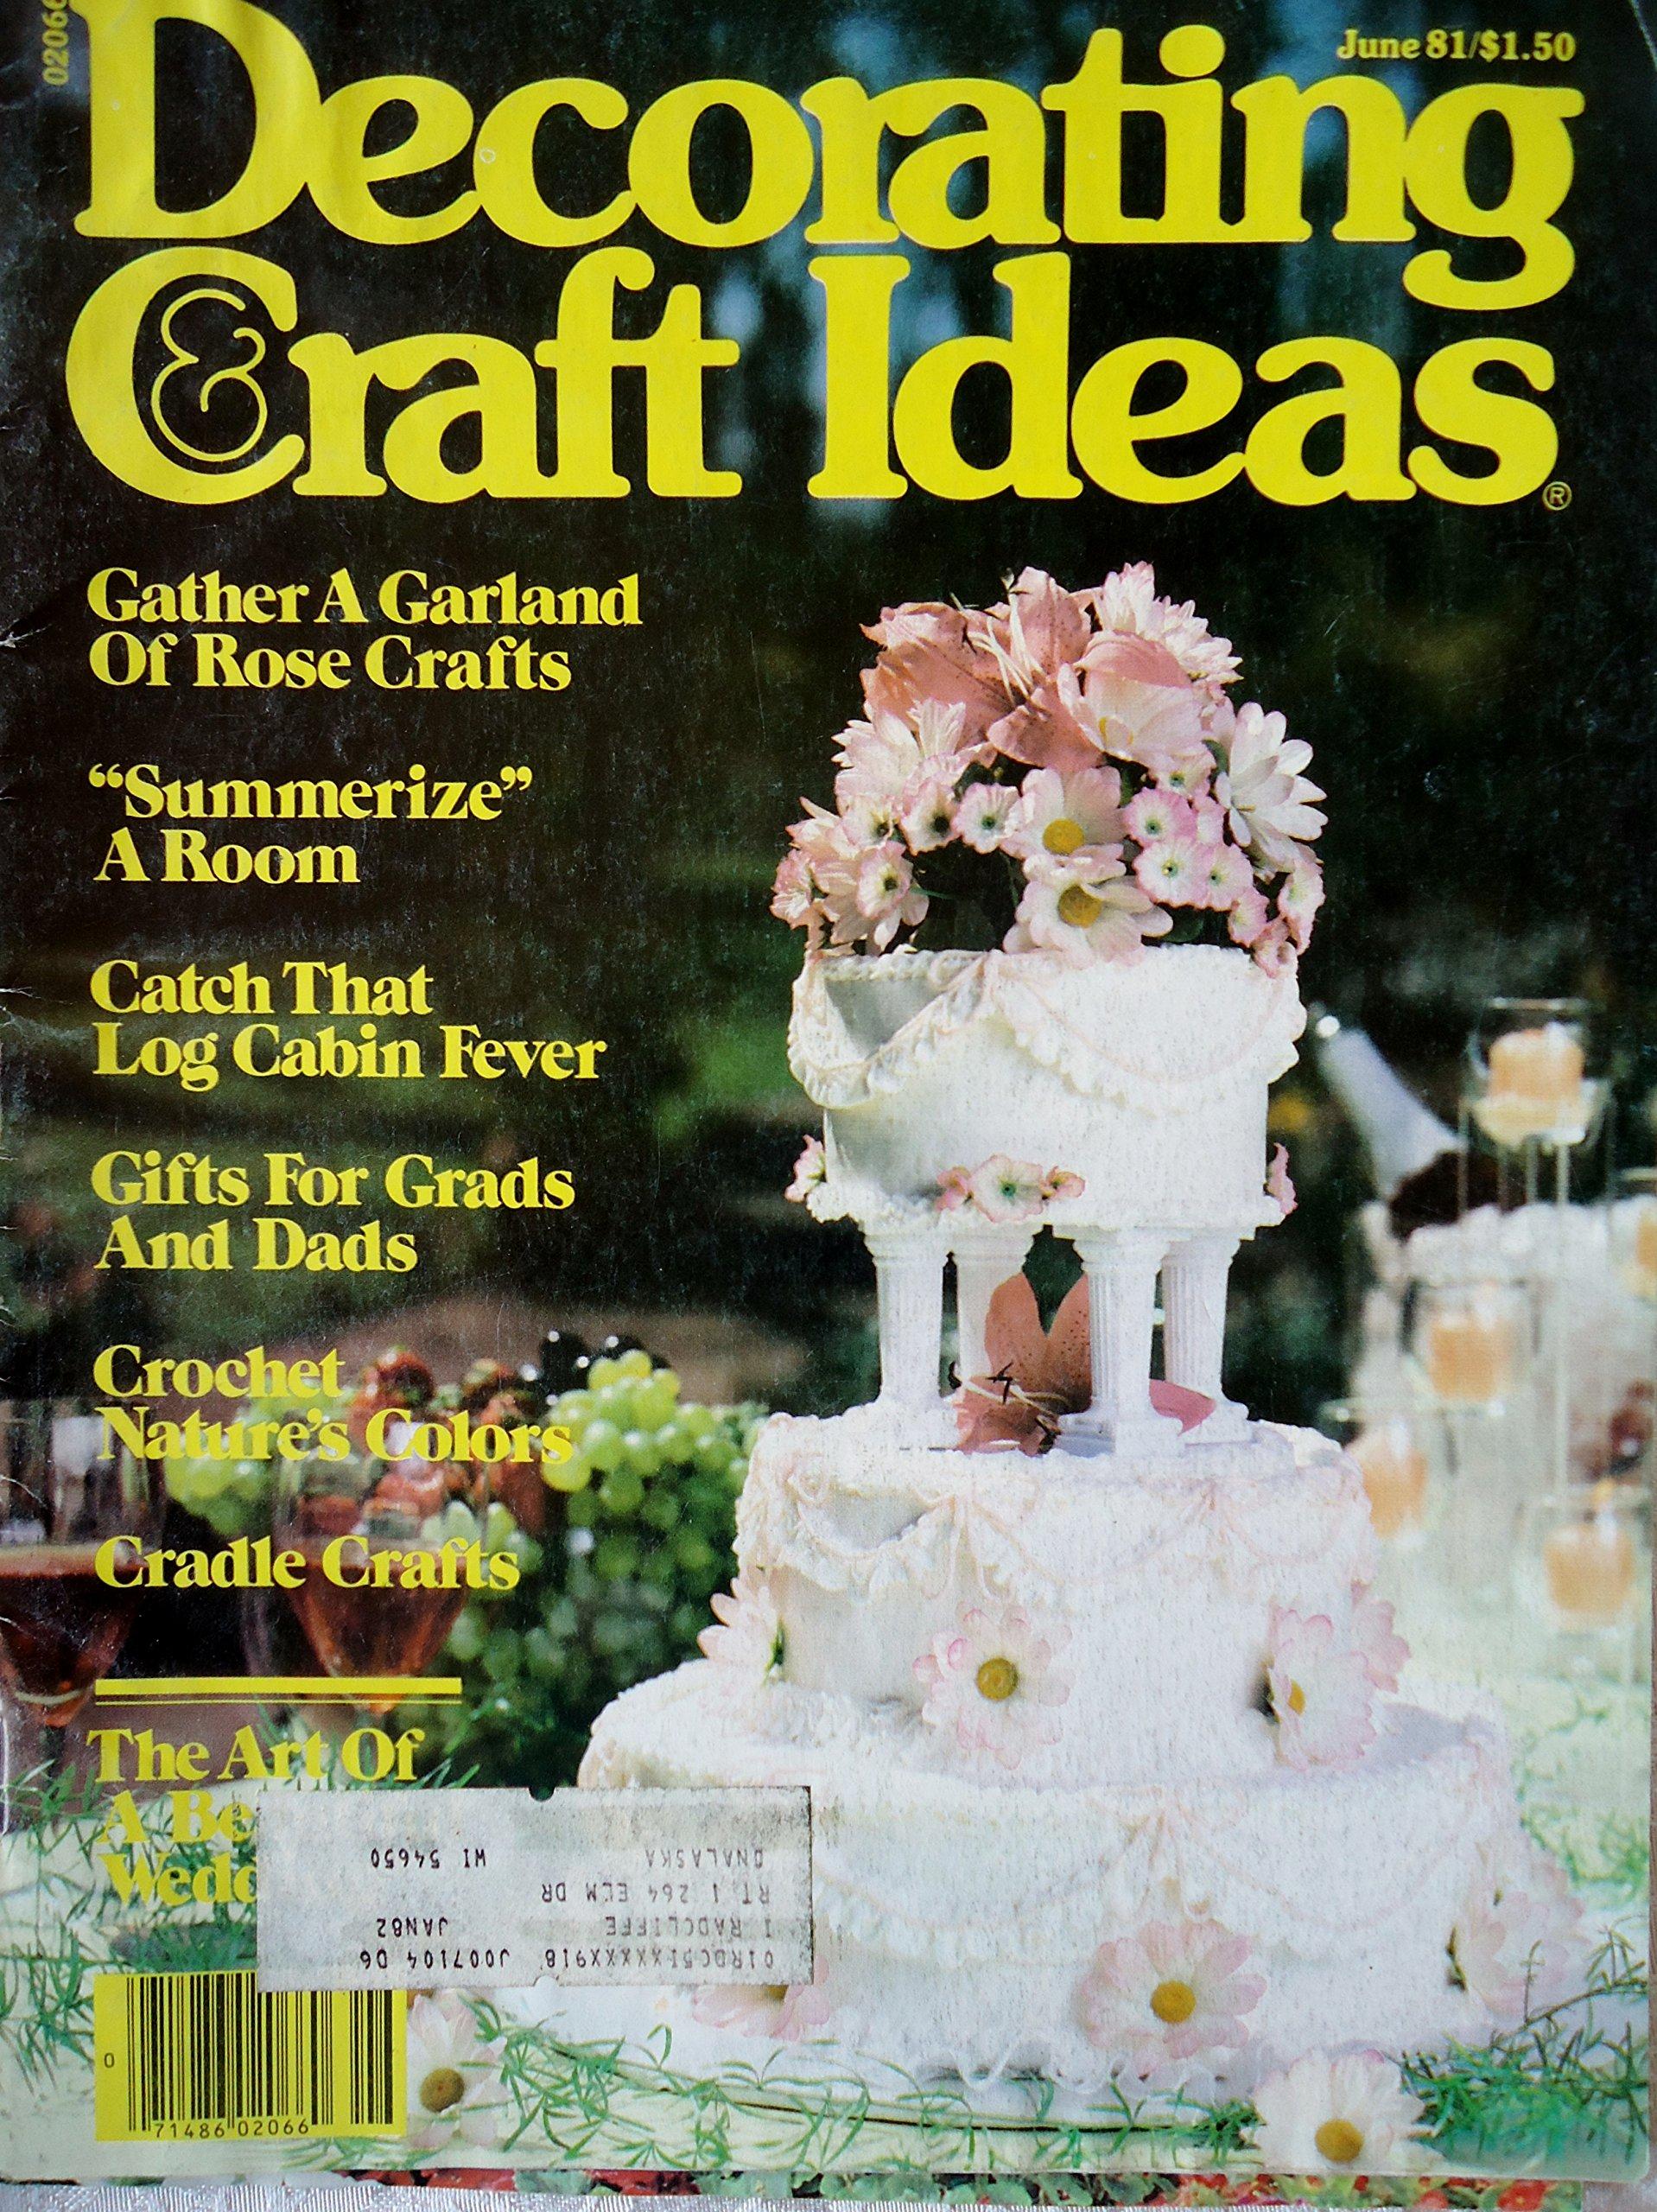 Decorating Craft Ideas Magazine June 1981 Amazon Com Books